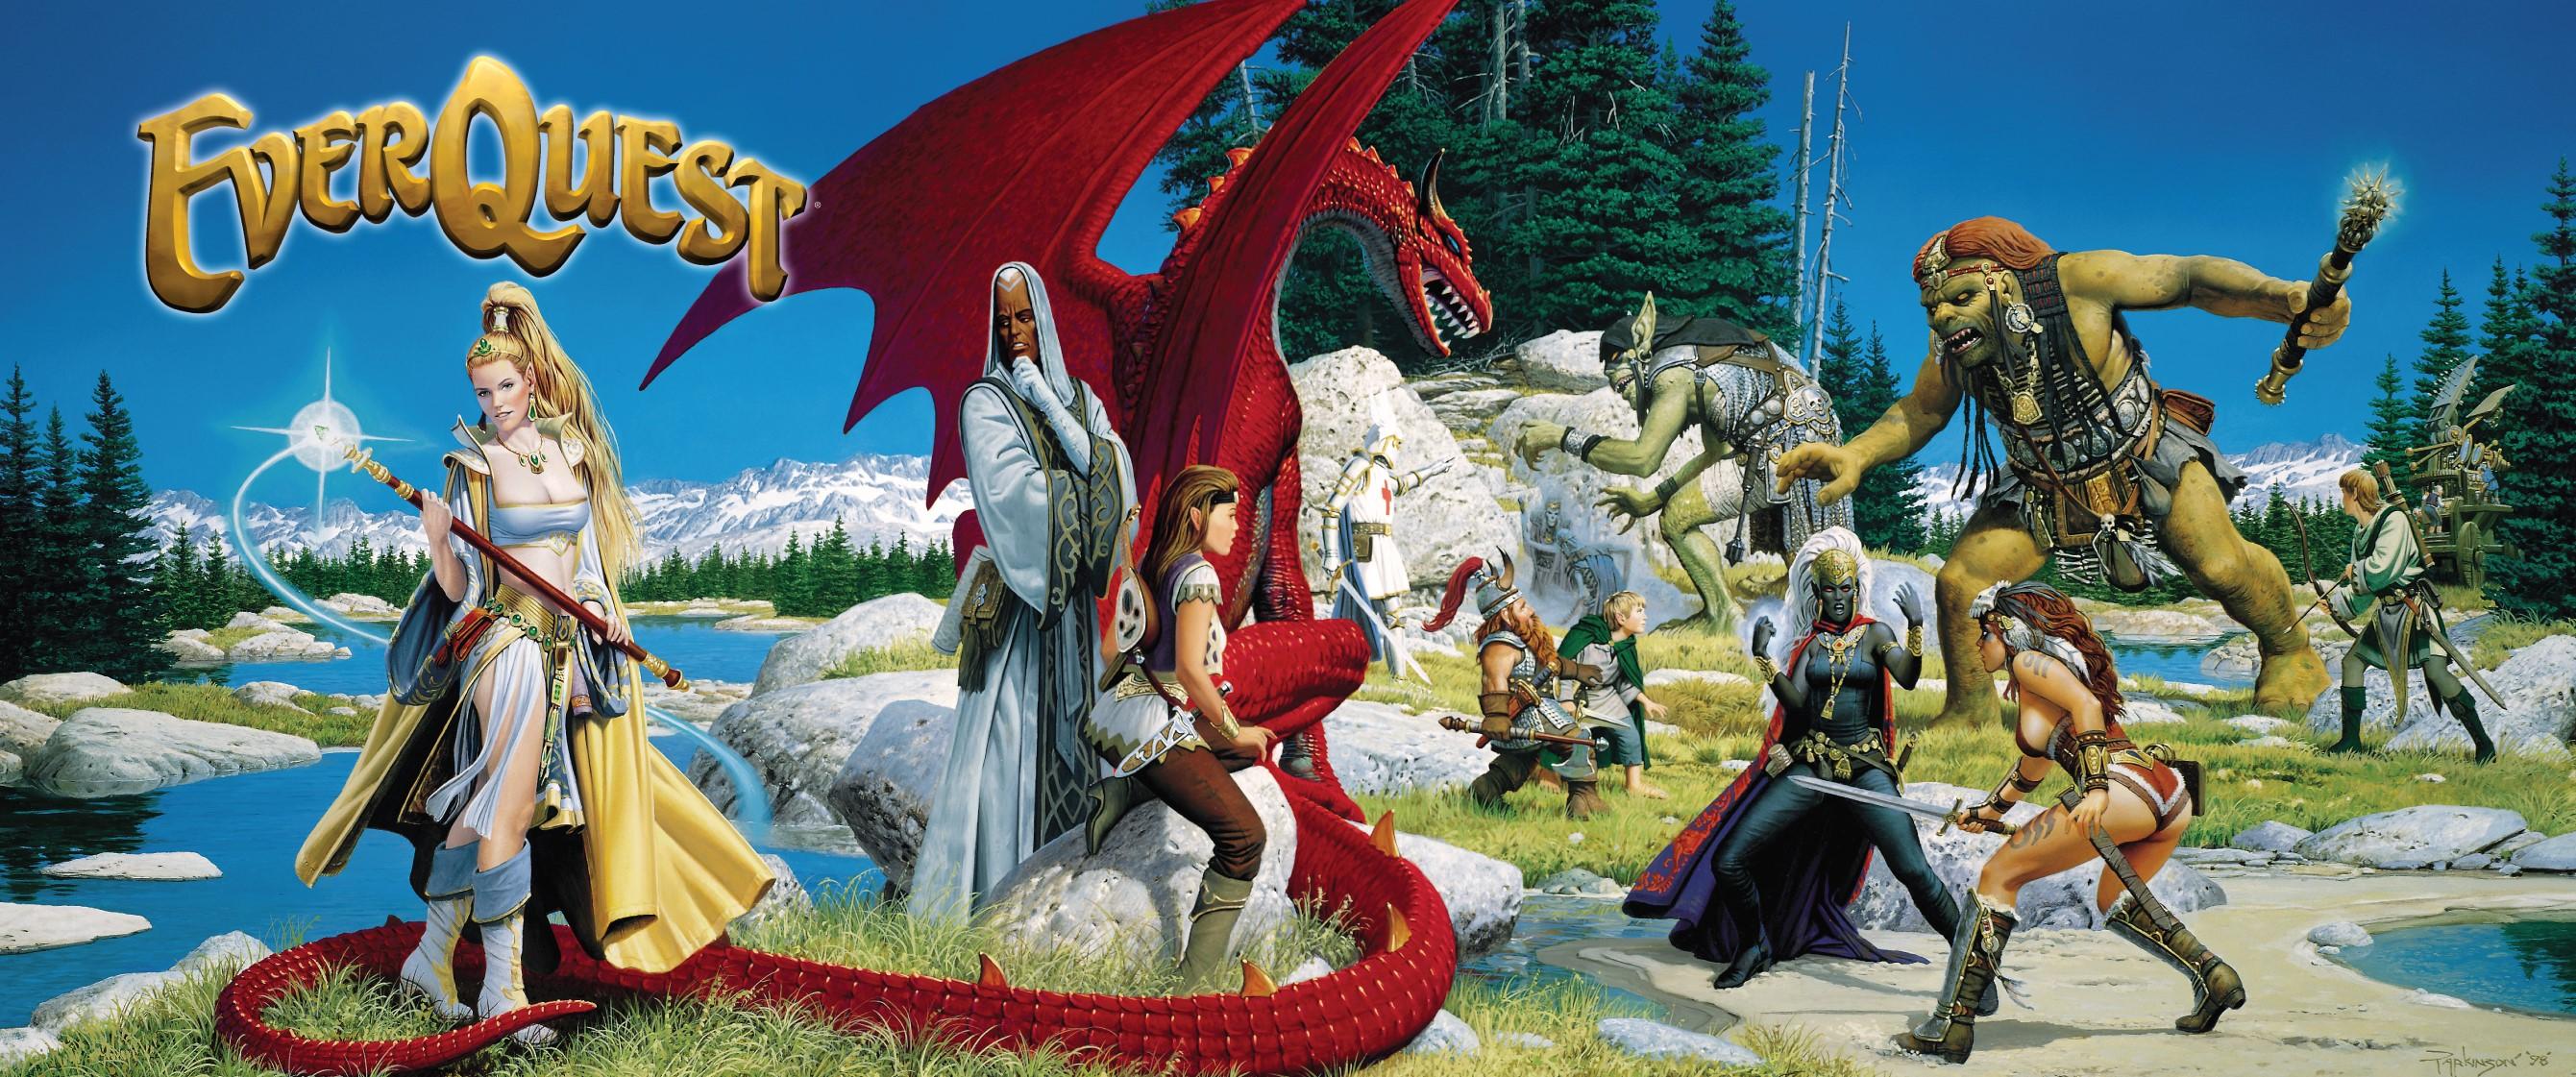 EverQuest braucht keine neuen Spieler, ist erfolgreicher als 2015